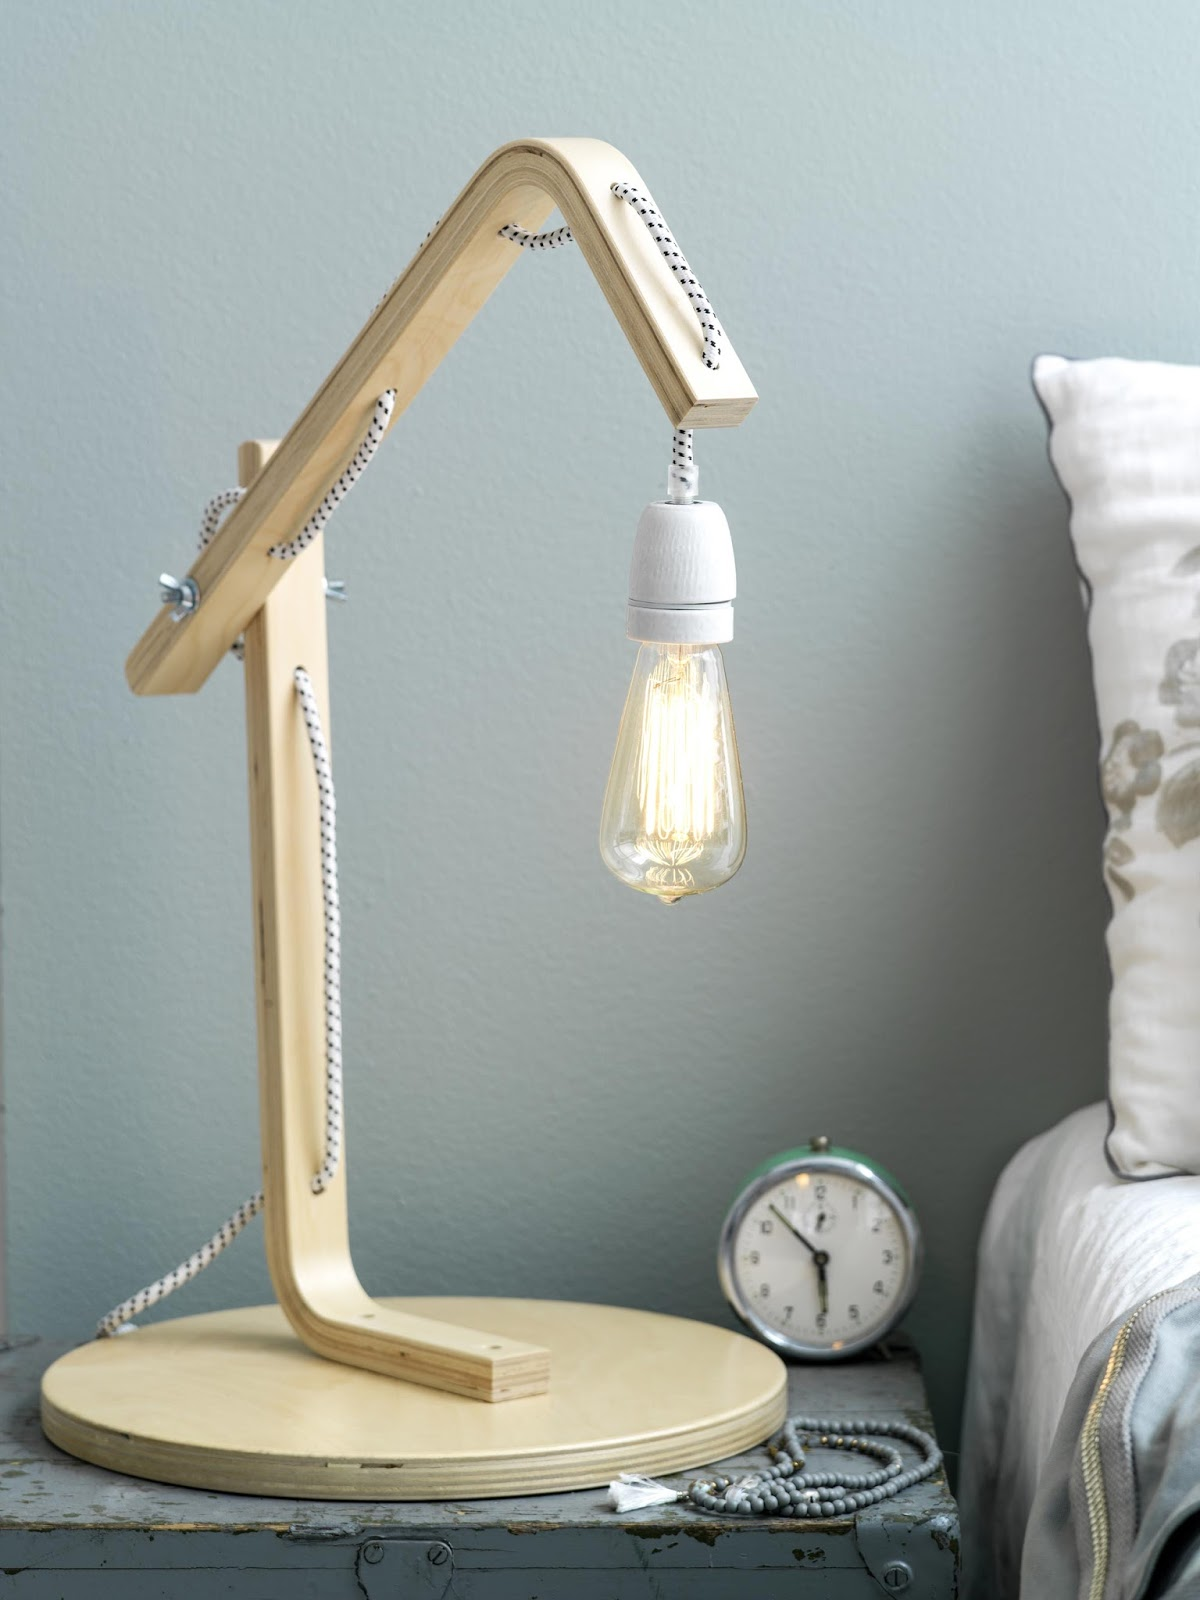 Comment Customiser Une Lampe De Chevet initiales gg  : {diy} 5 idées pour customiser le tabouret